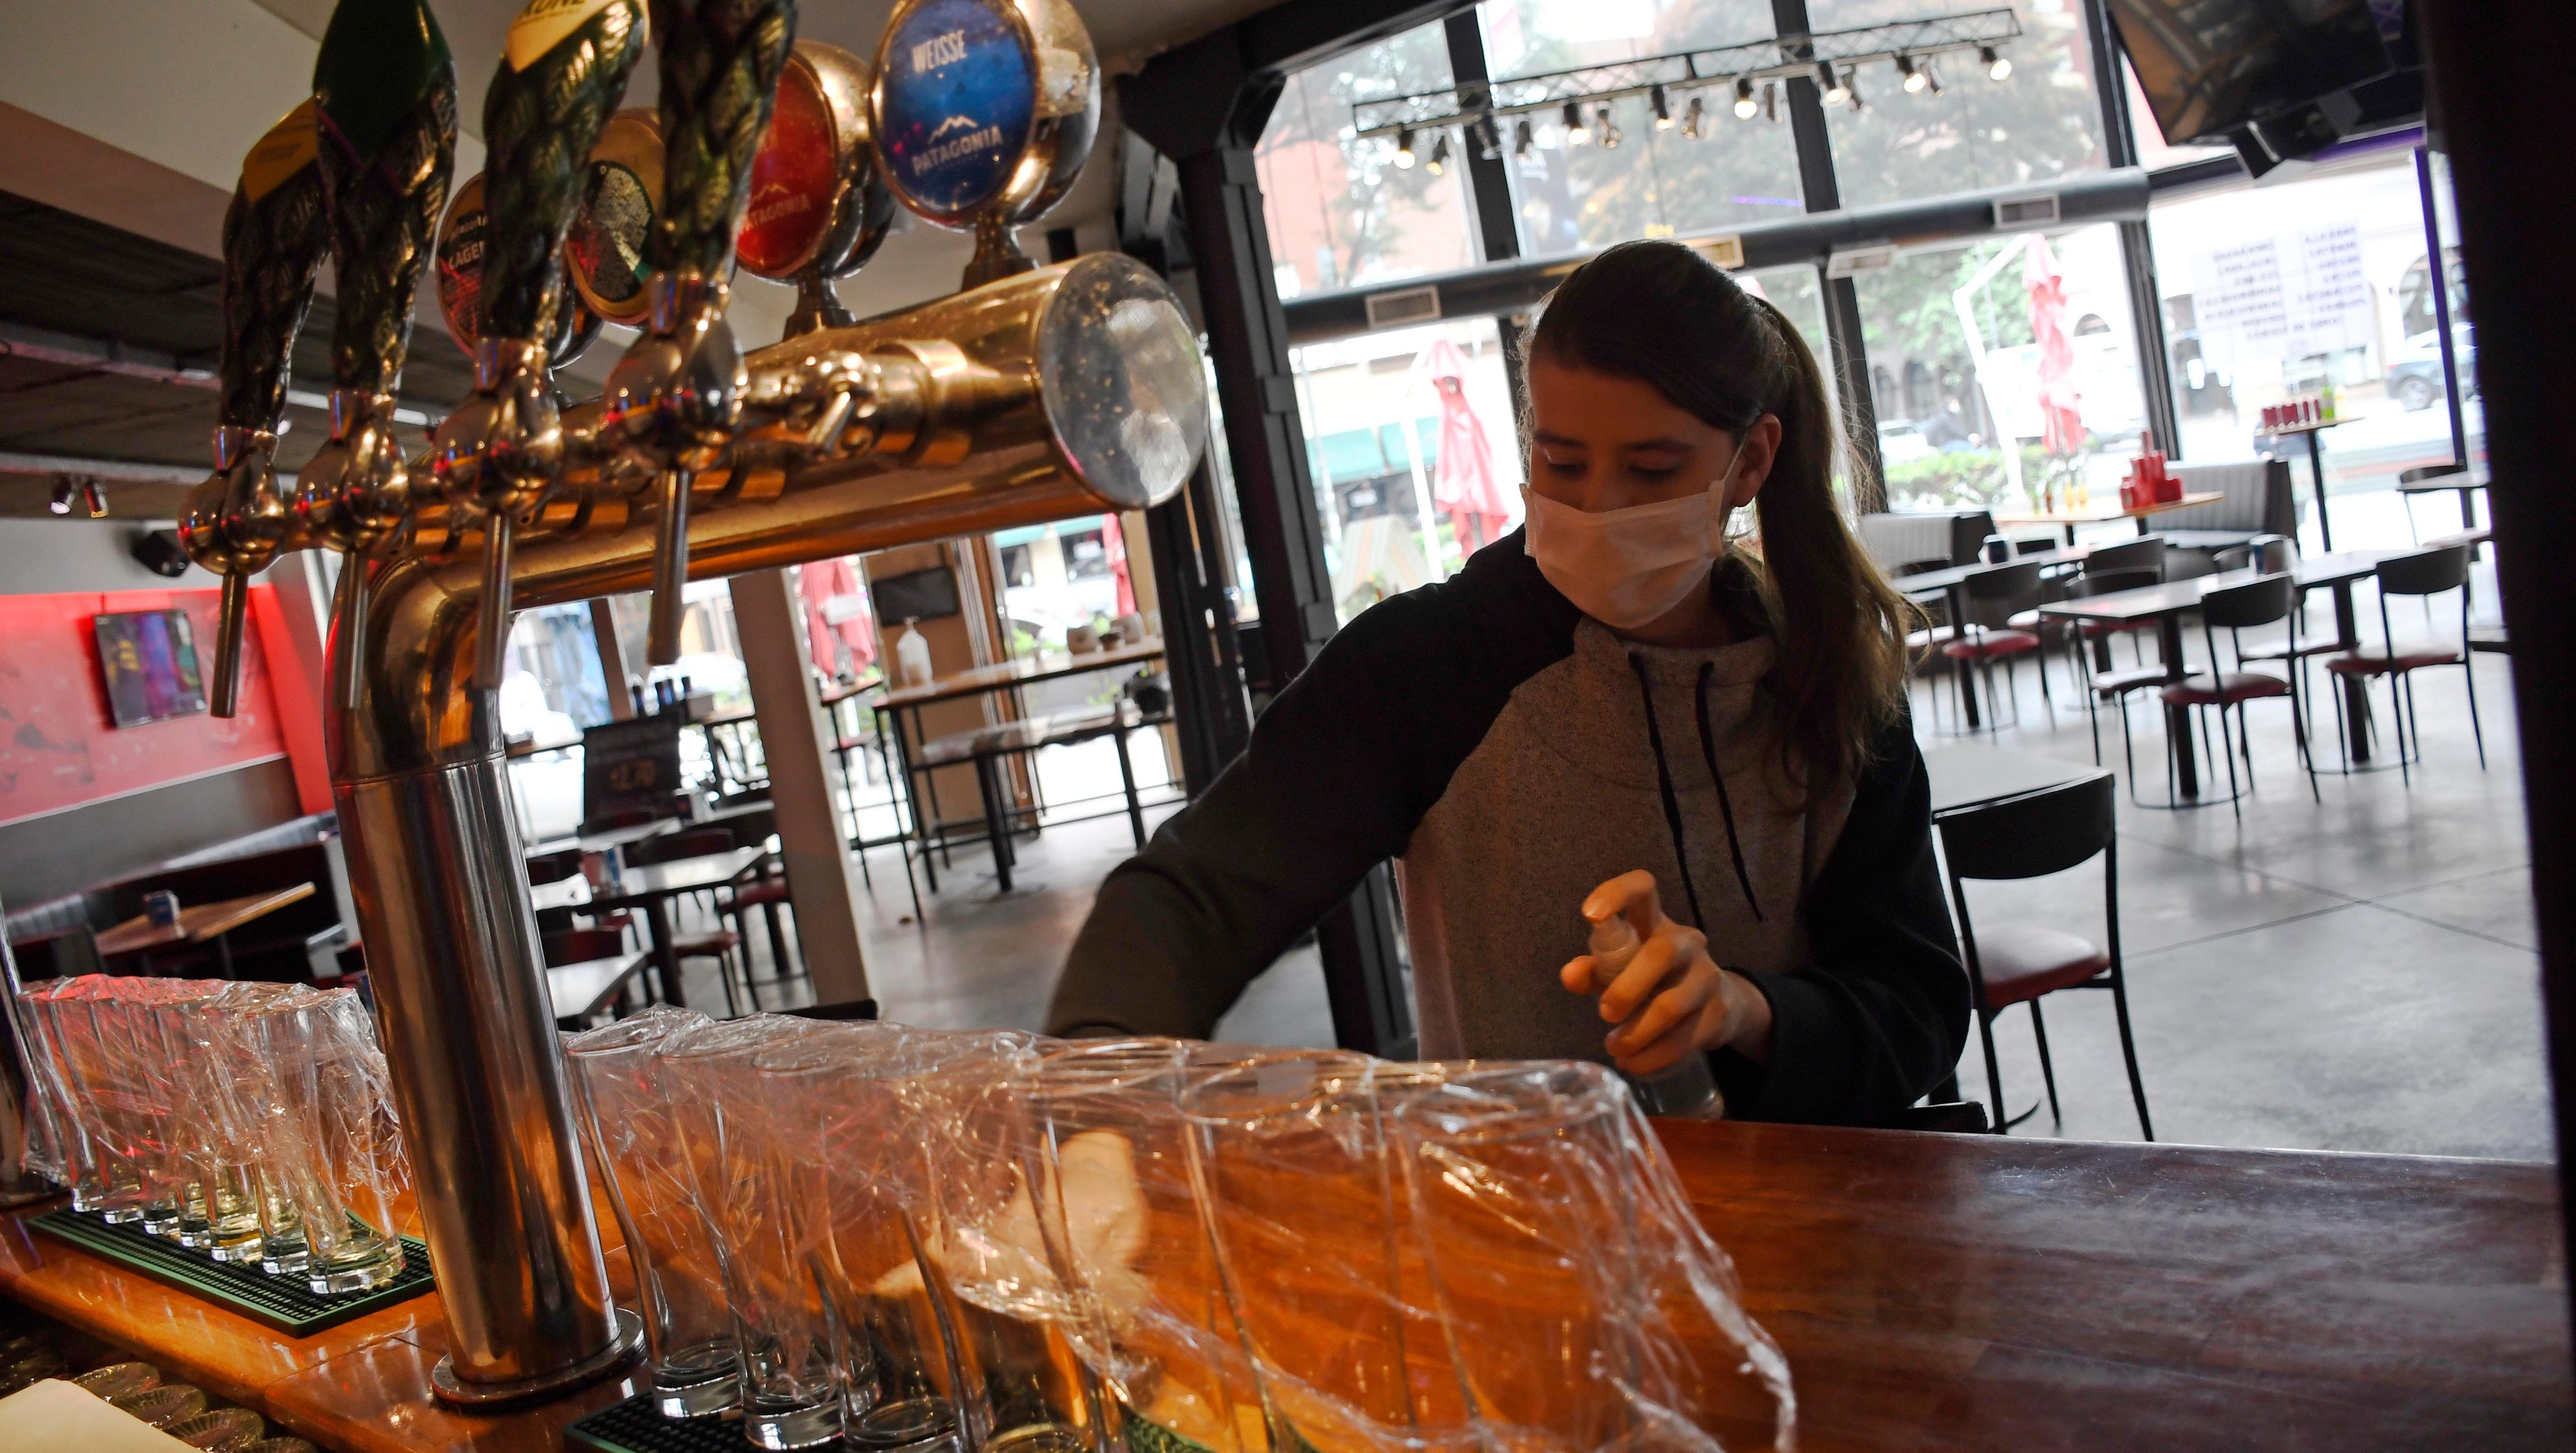 Los bares vuelven desde el sábado con restricciones bien marcadas.